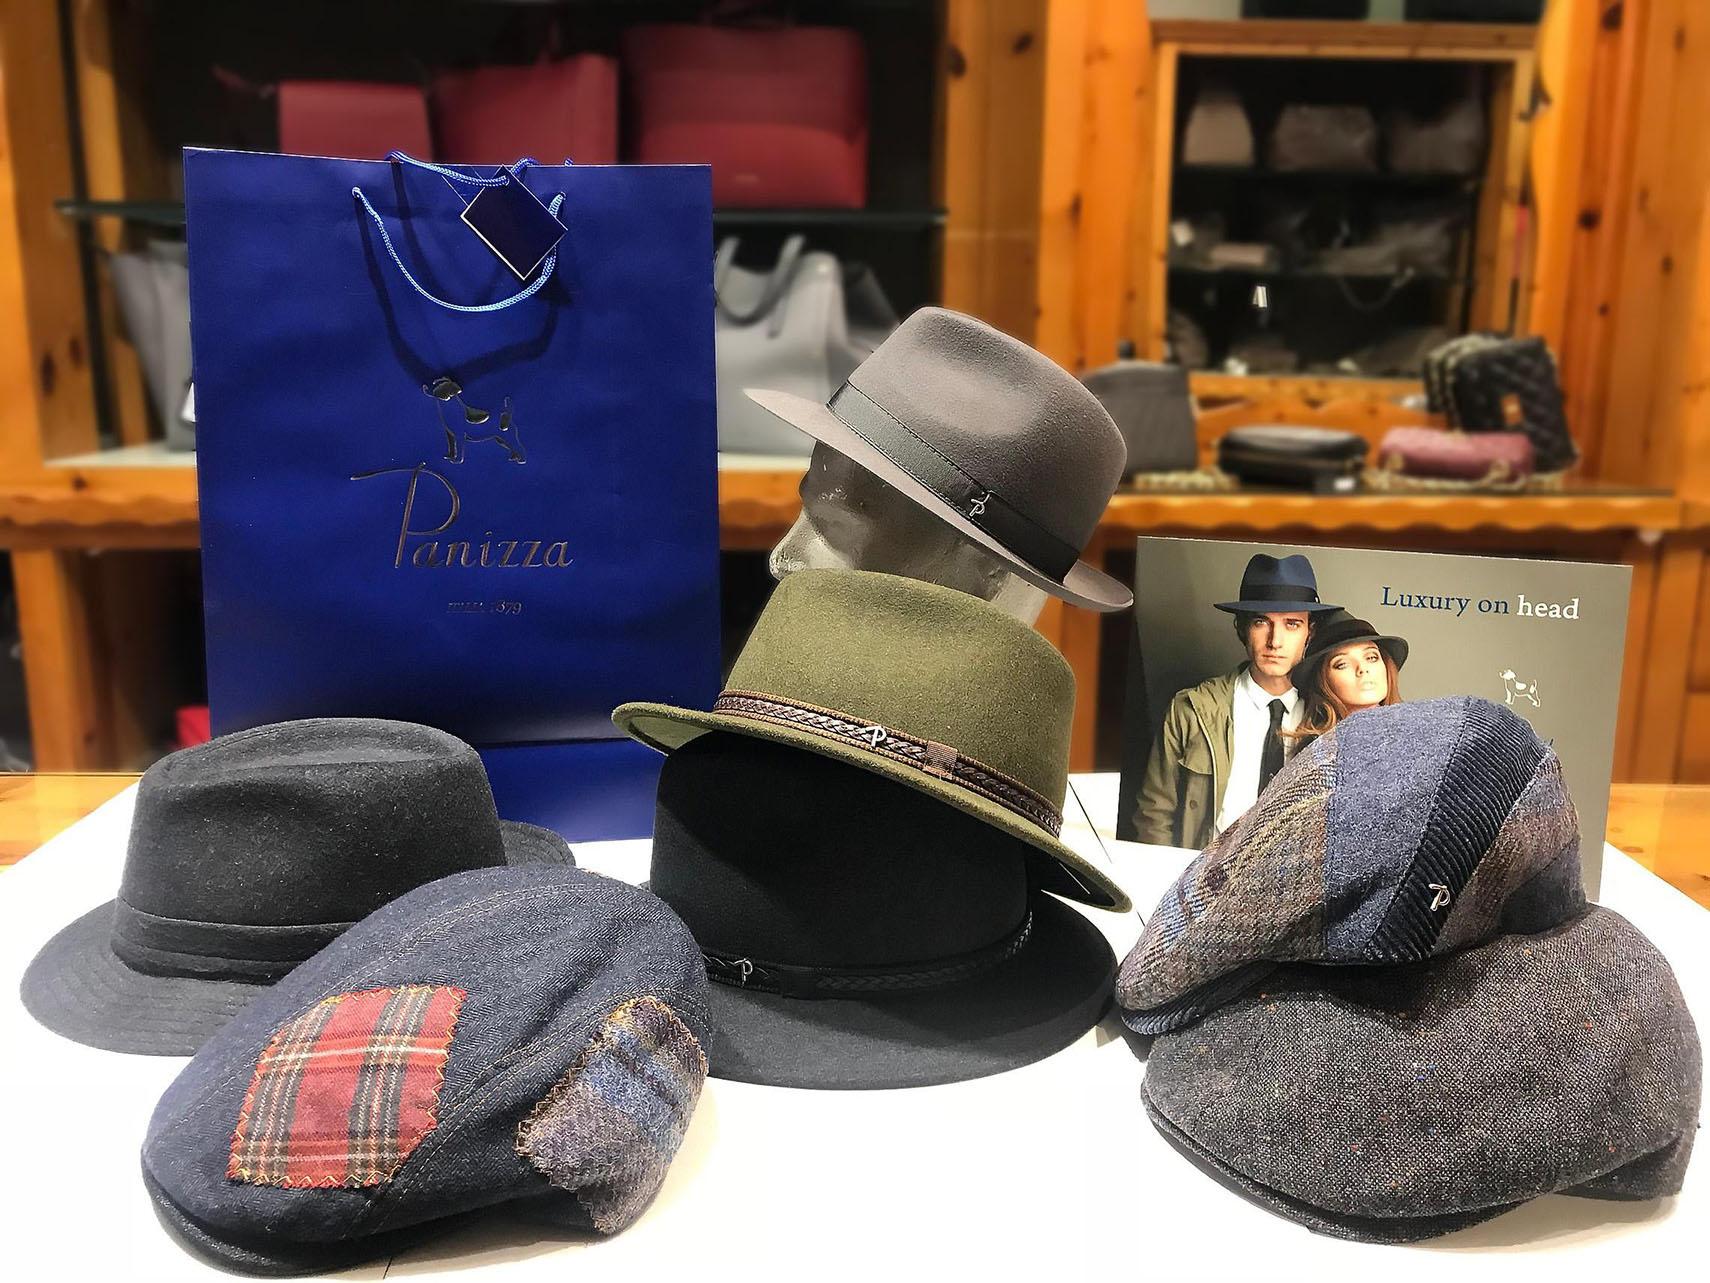 Collezione cappelli uomo Panizza ... 05ce53ee579c